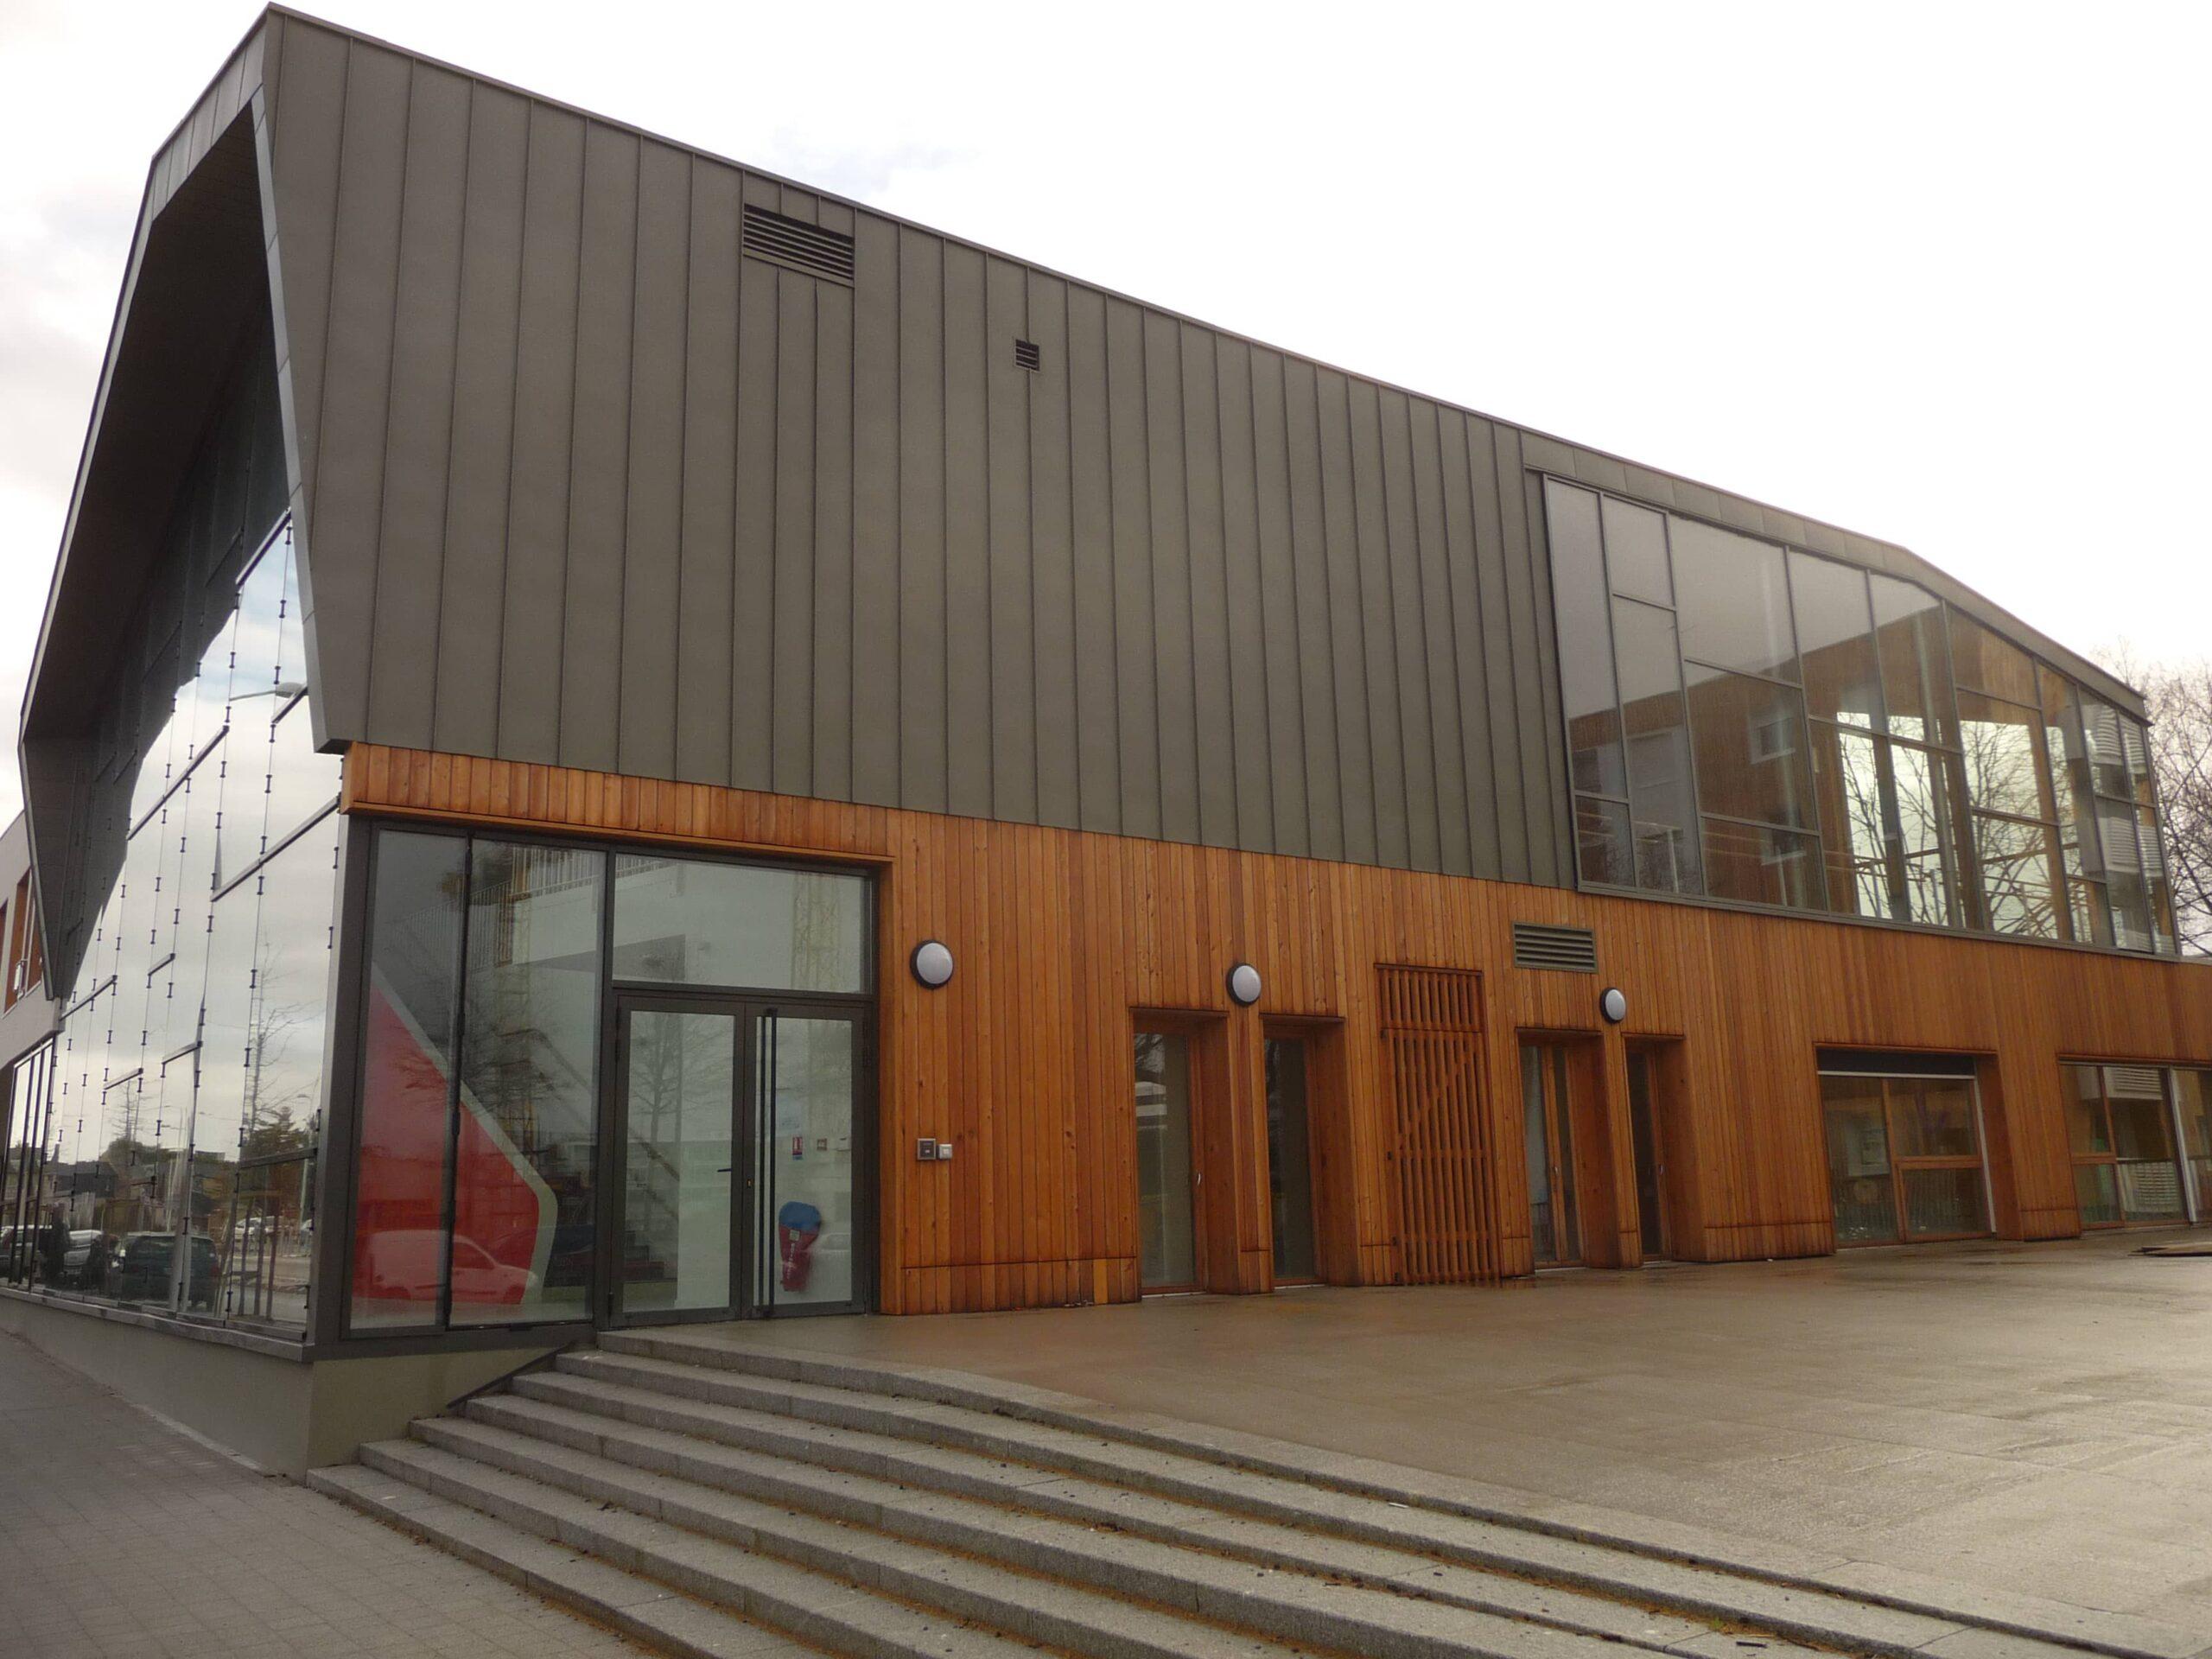 groupe-scolaire-la-chesnaie-saint-nazaire-couverture-et-bardage-zinc-cruard_5